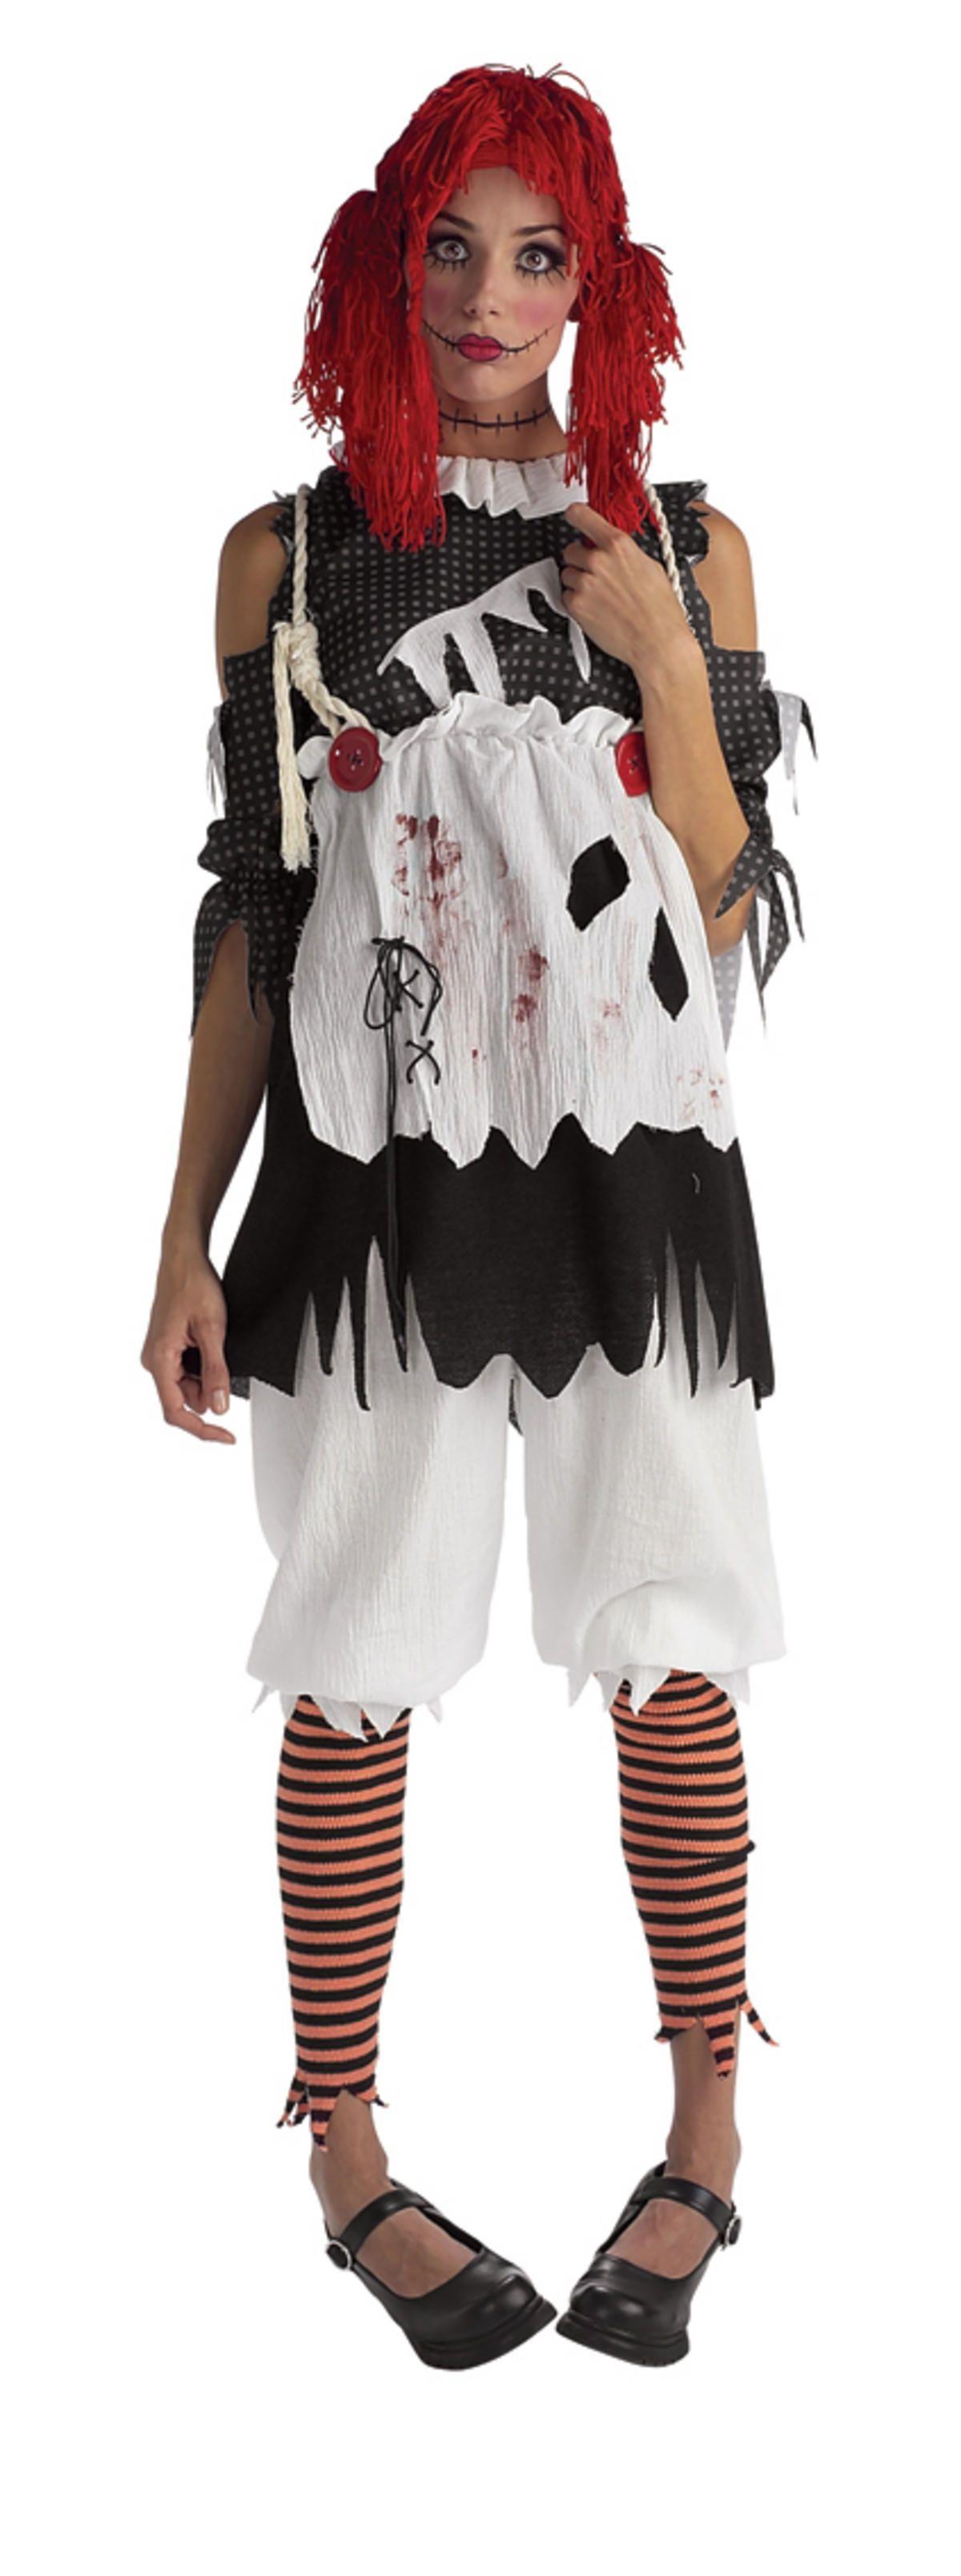 Идеи для хэллоуина костюм своими руками